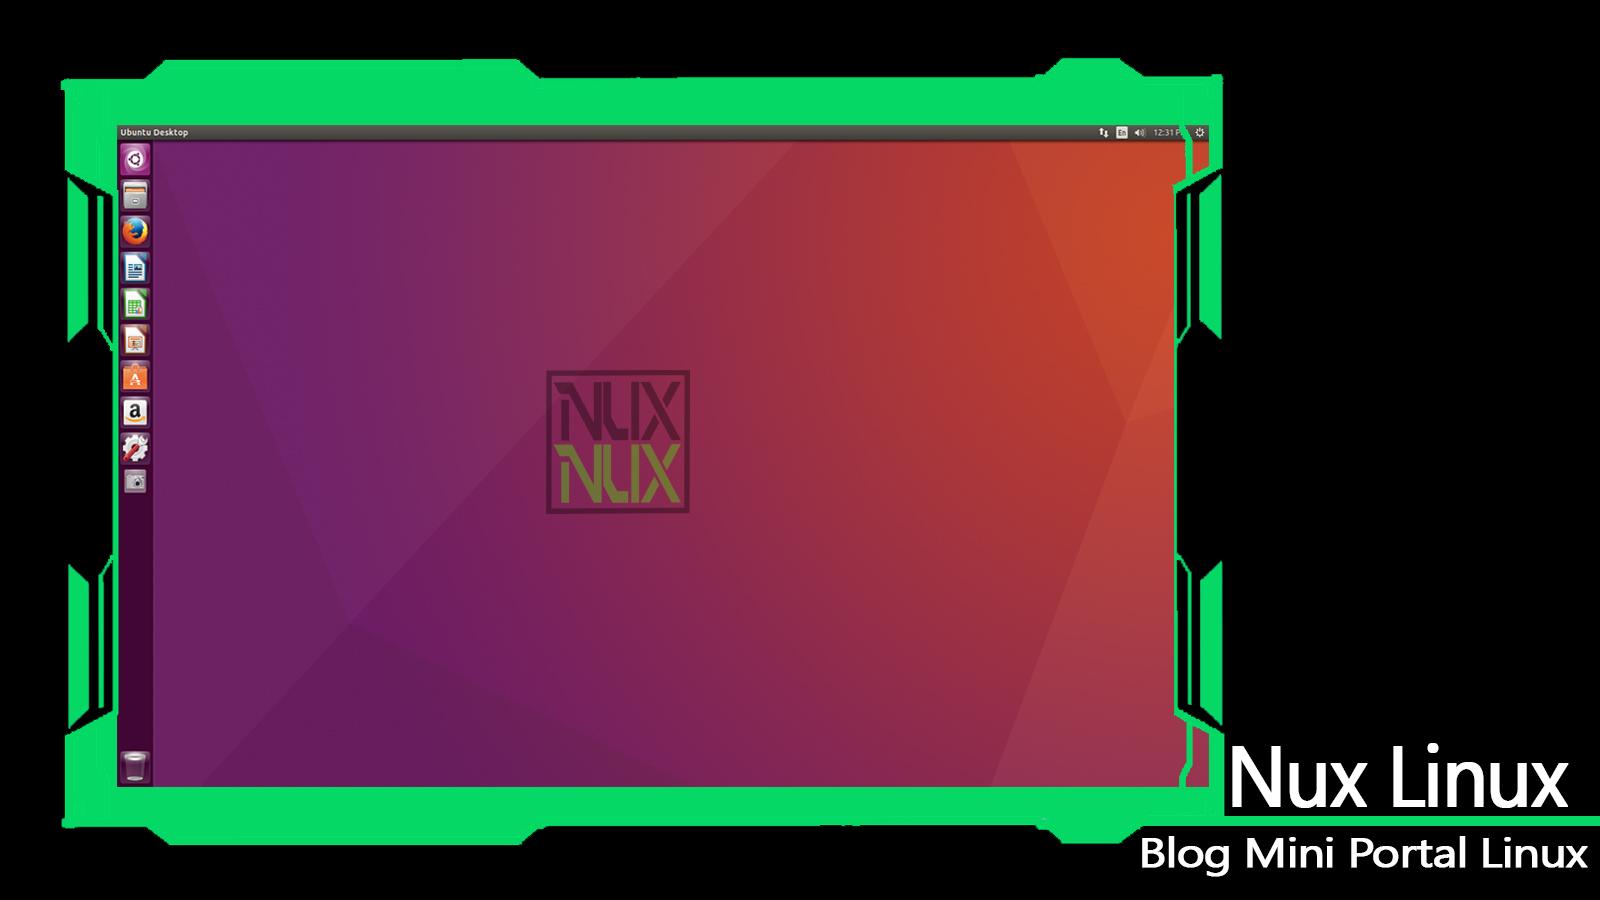 Yang Harus Dilakukan Setelah Install Linux Ubuntu - Nuxlinux